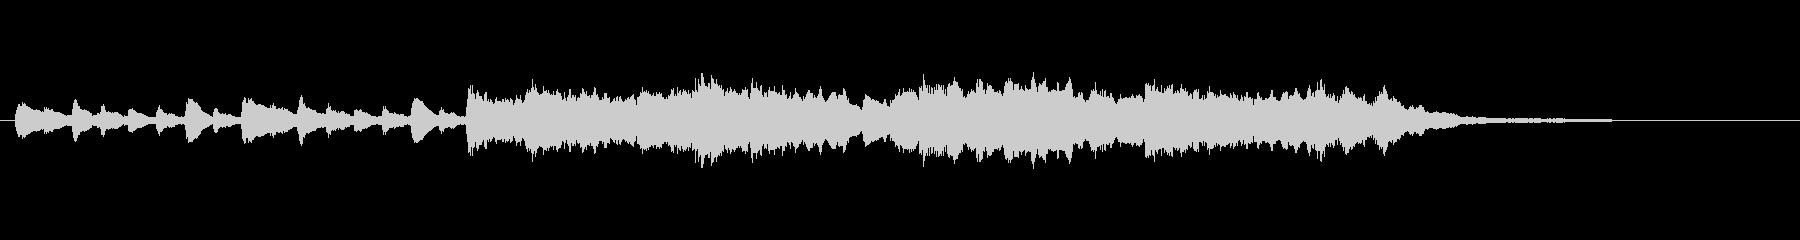 バイオリンの悲劇的なショートBGMの未再生の波形